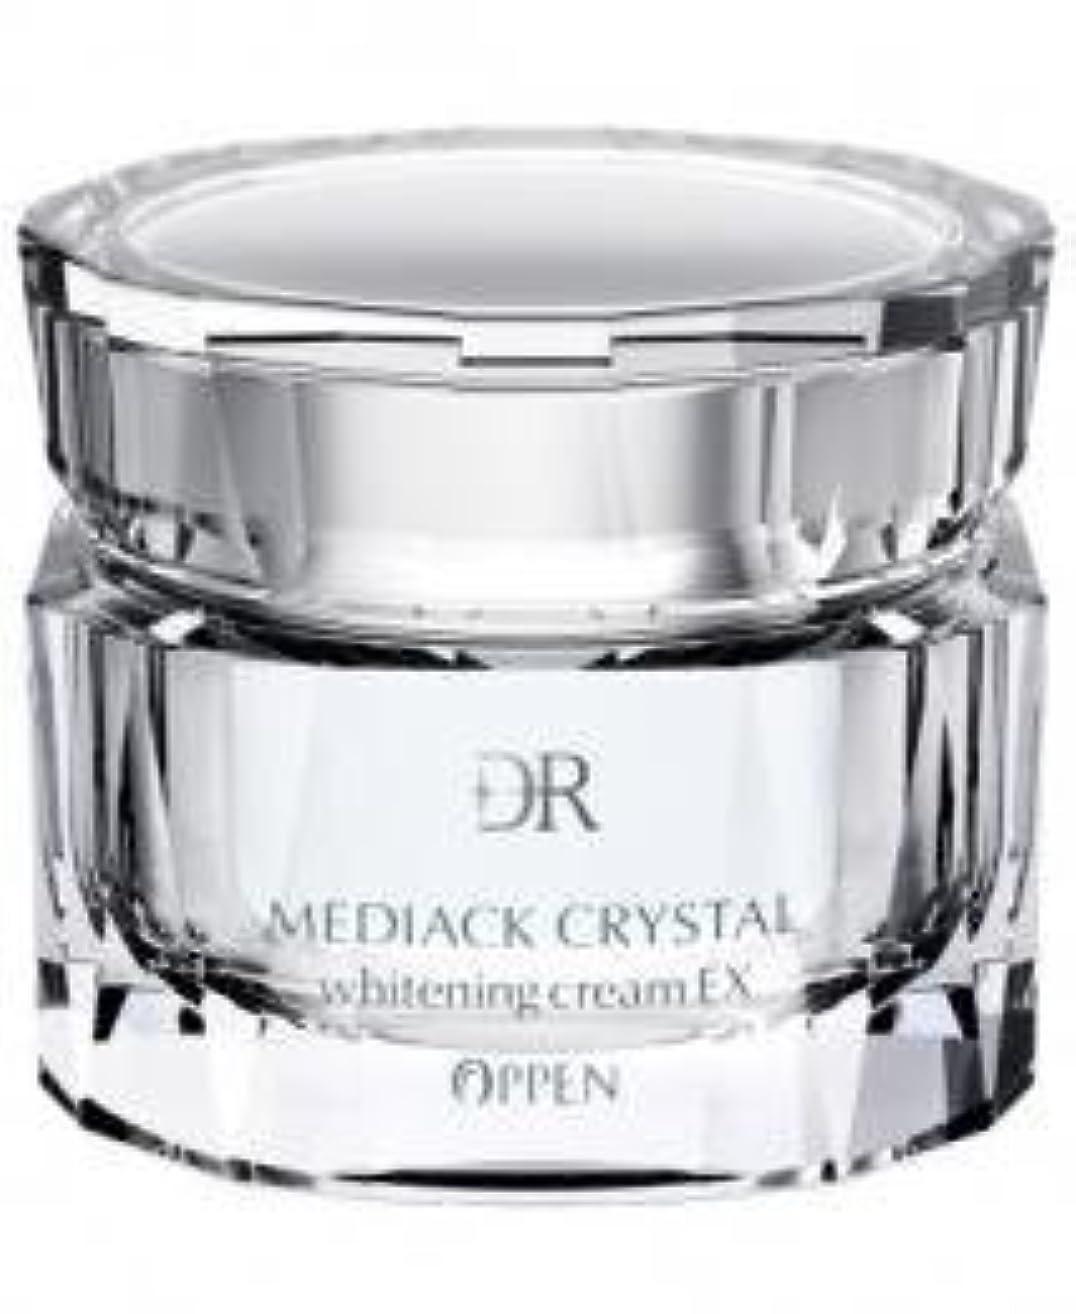 スクラップブック支払うトンネルオッペン化粧品【OPPEN】 DRメディアッククリスタル ホワイトニングクリーム 35g